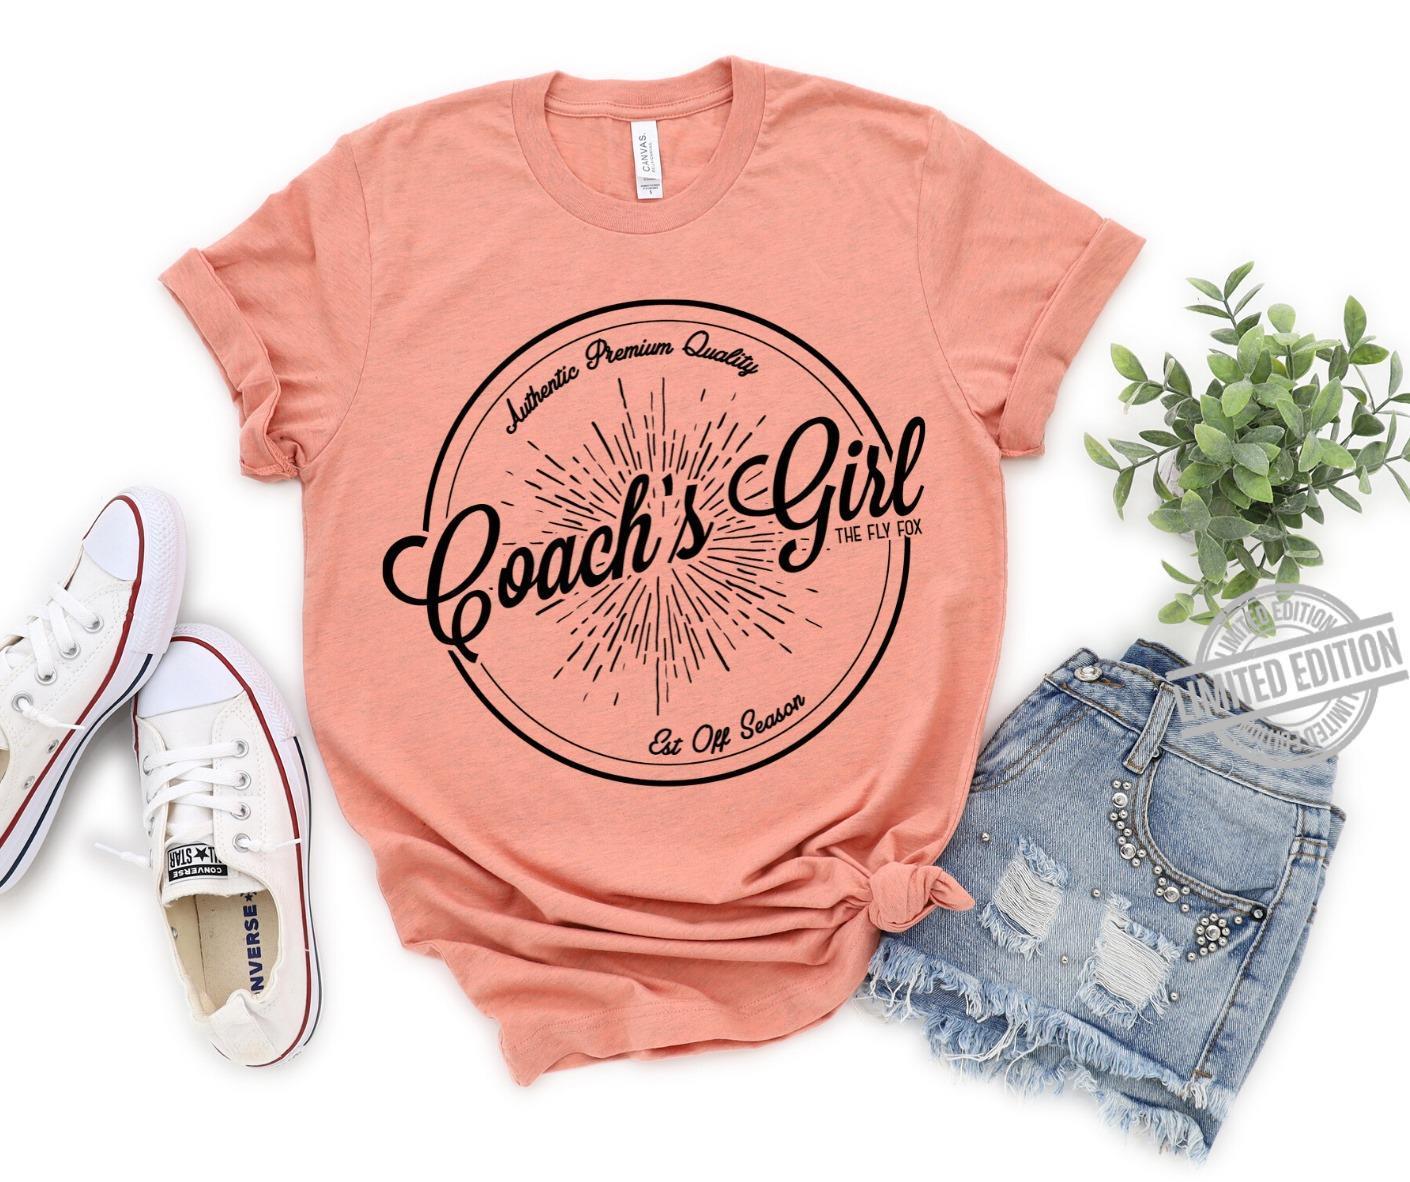 Coach's Girl Authentic Premium Quality Est Off Season Shirt